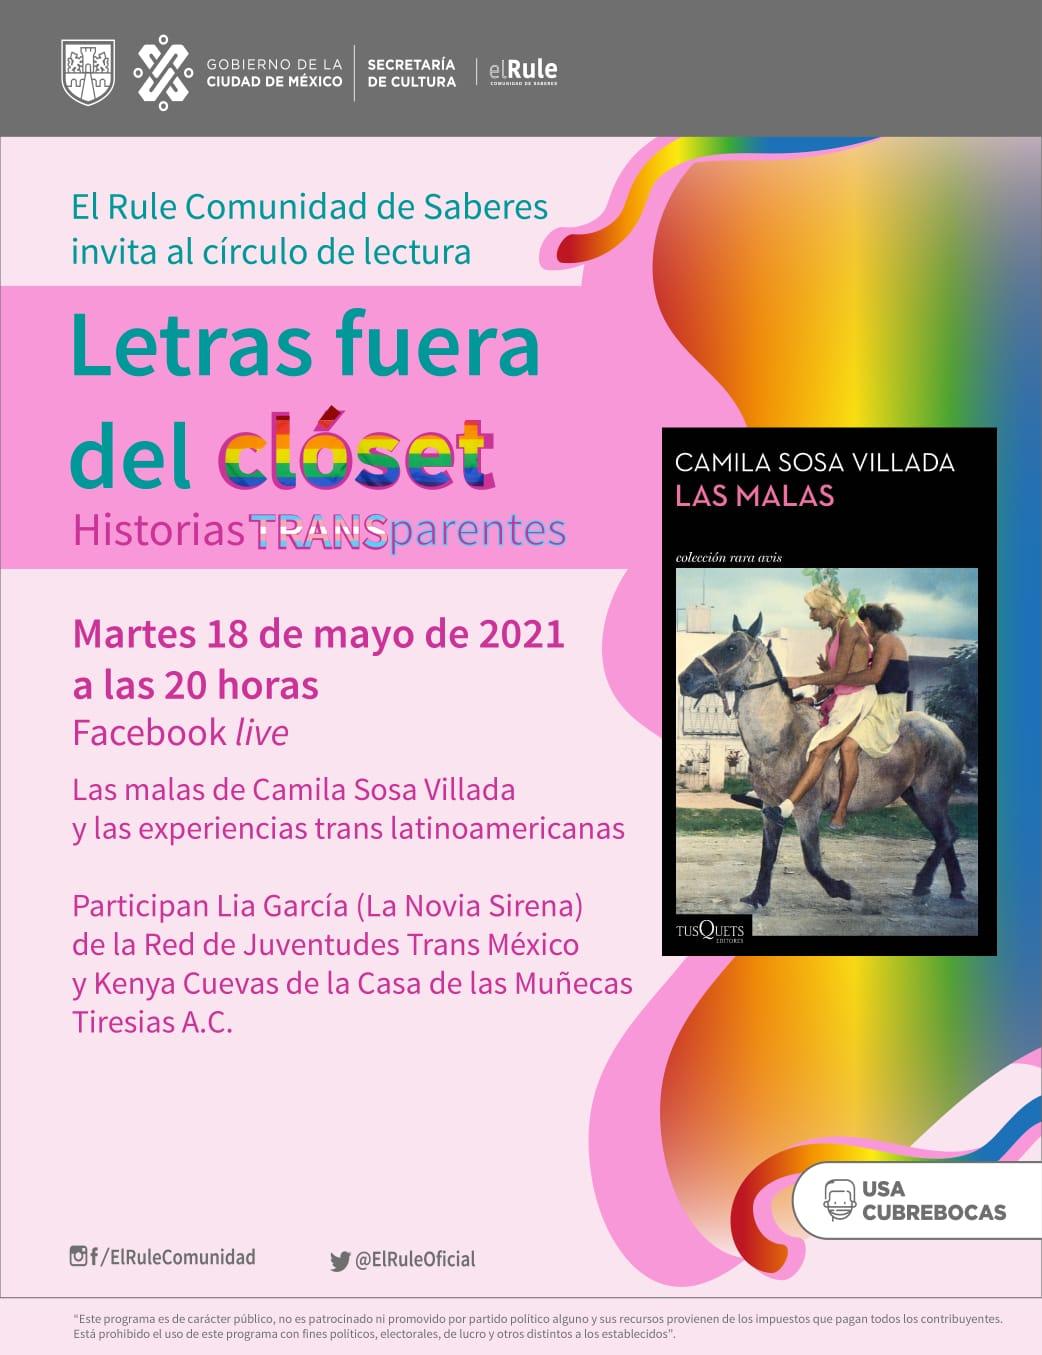 Conmemoran recintos culturales Día Internacional contra Homofobia, Transfobia y Bifobia